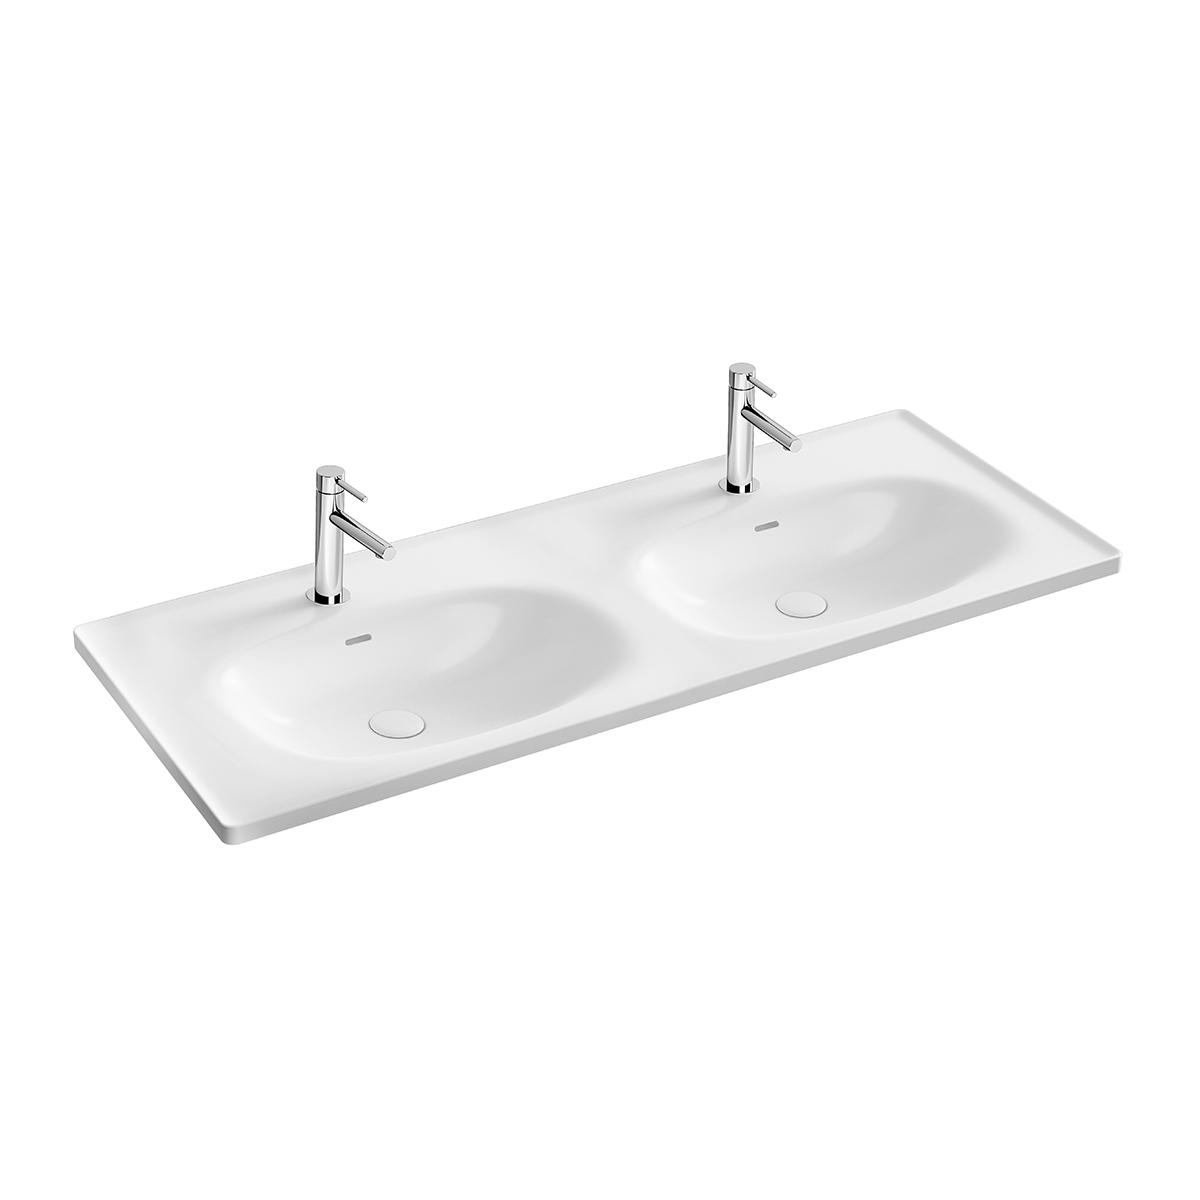 Equal Doppelmöbelwaschtisch, 130 cm, 2 Becken mit Hahnloch,bank mit Hahnloch, mit Überlaufschlitz, Weiß Hochglanz